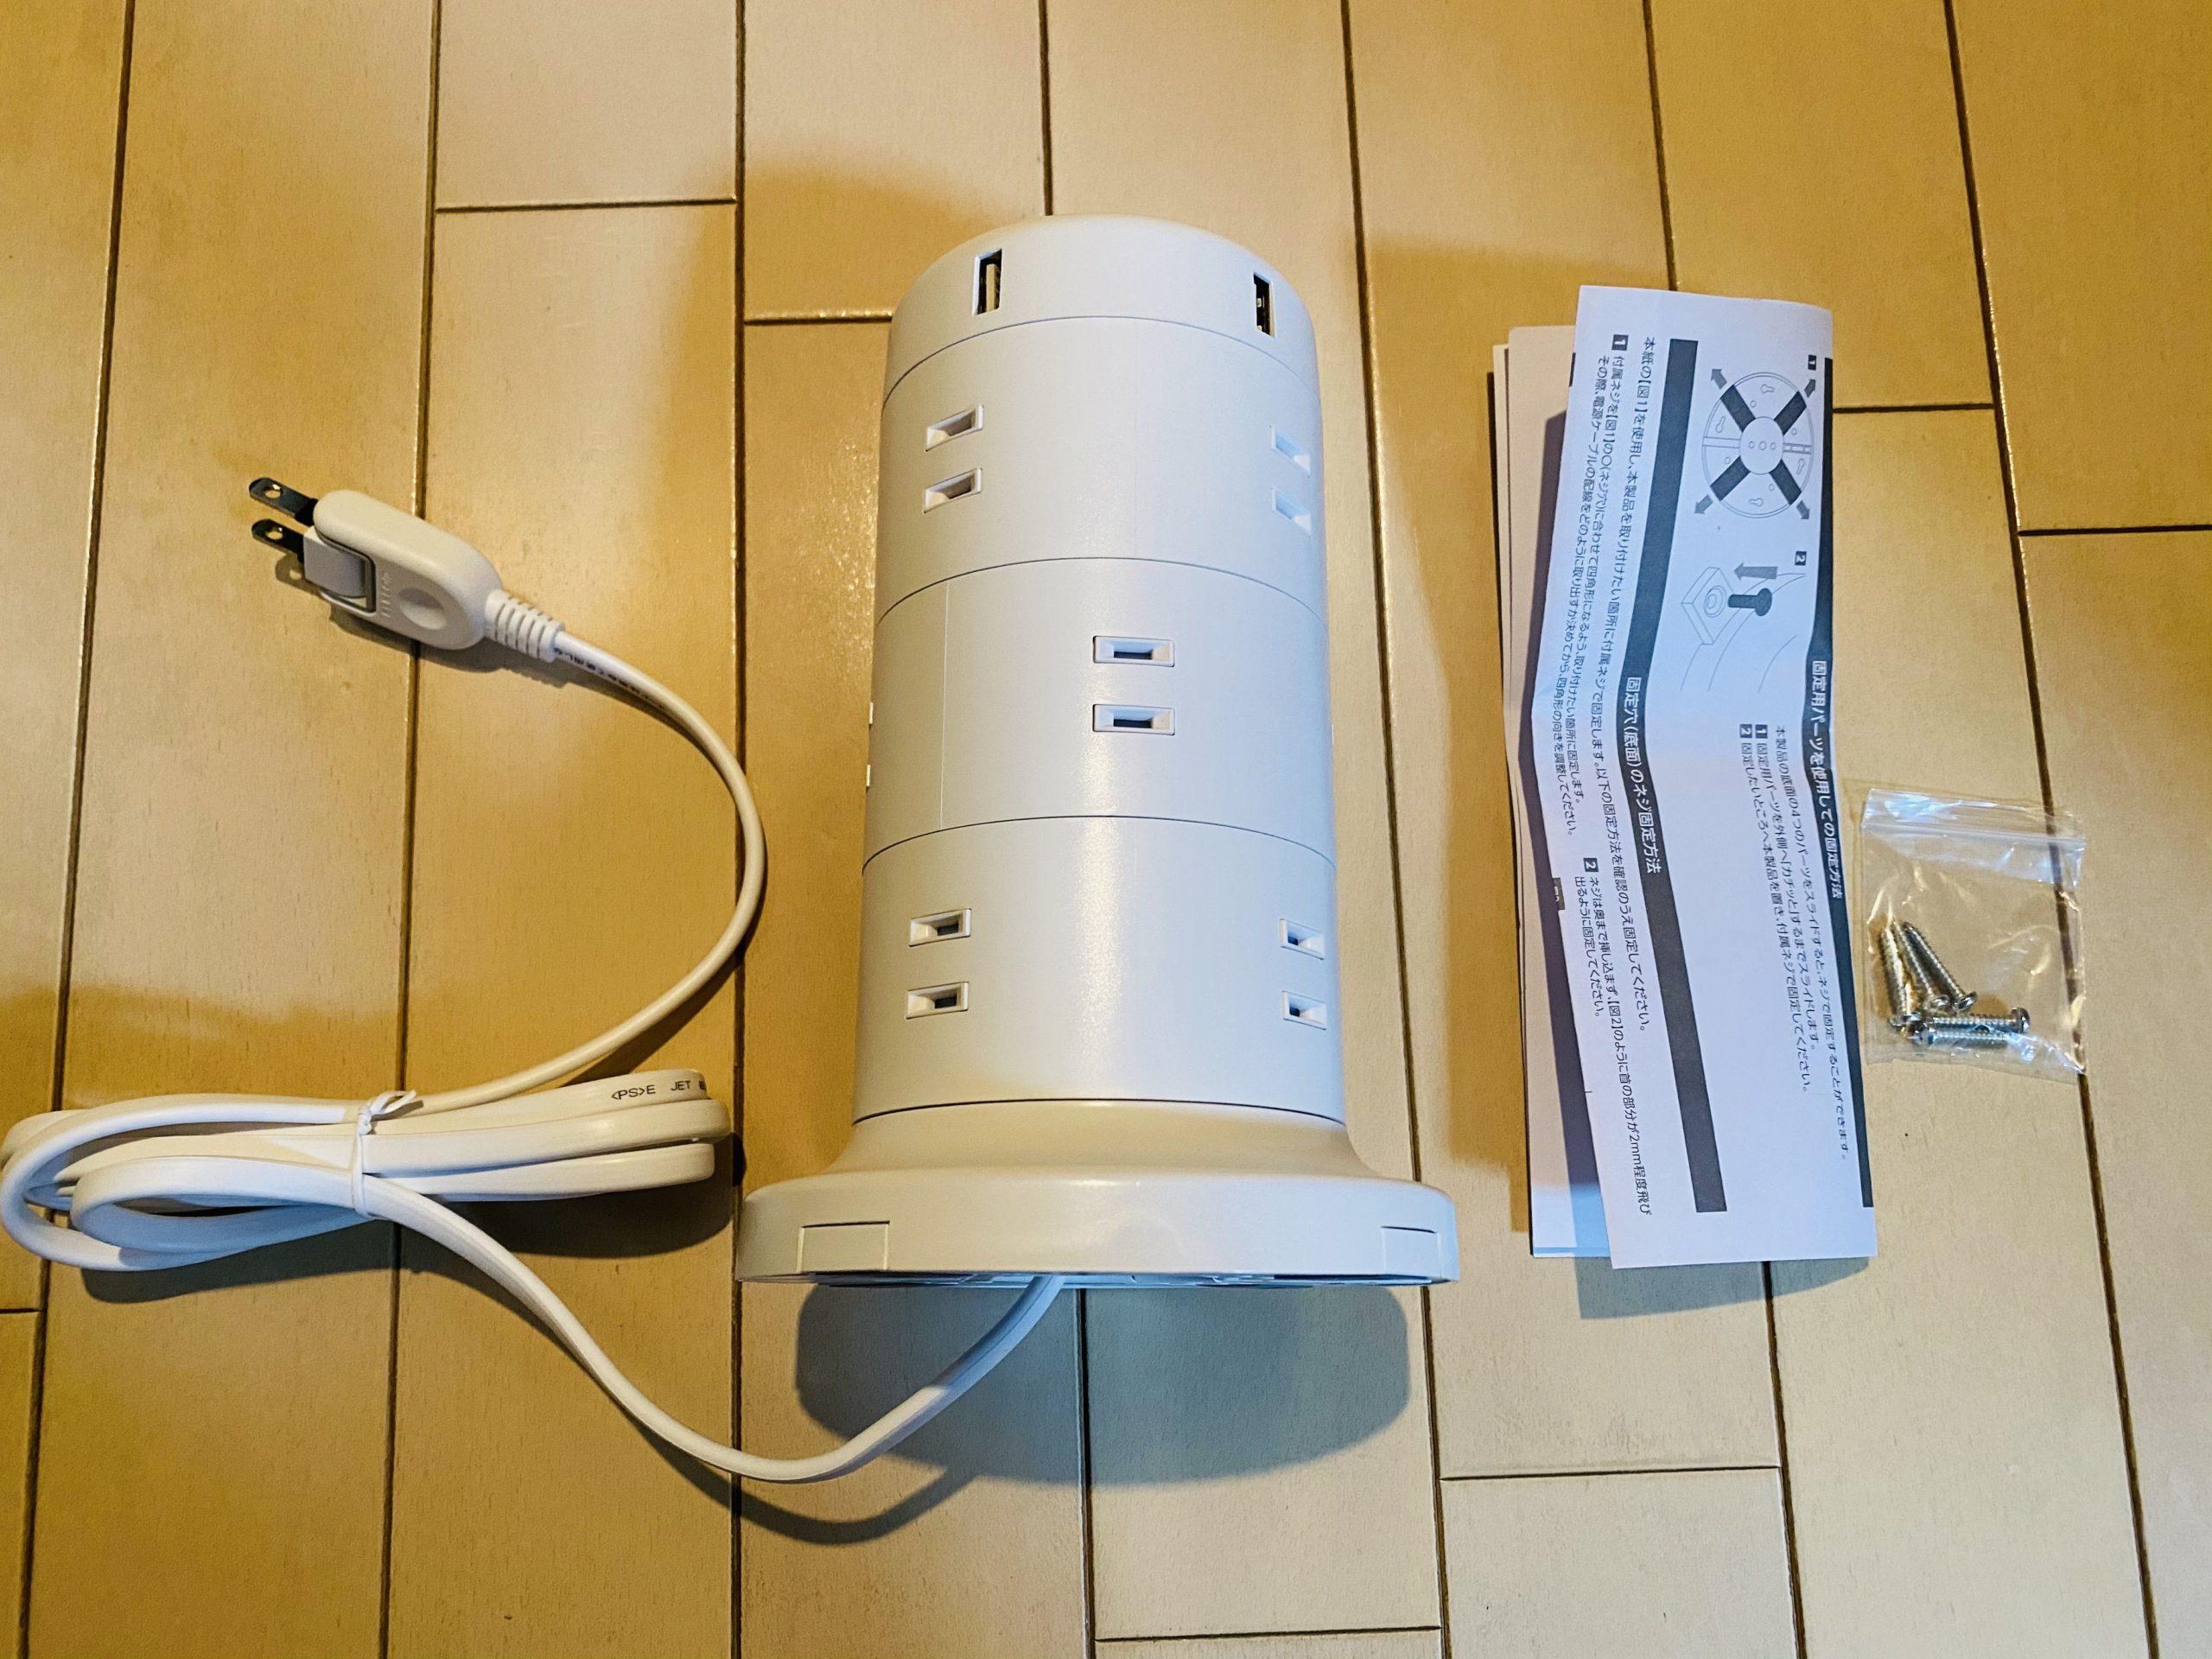 エレコムのタワー型電源タップ ECT-0720WH内容物